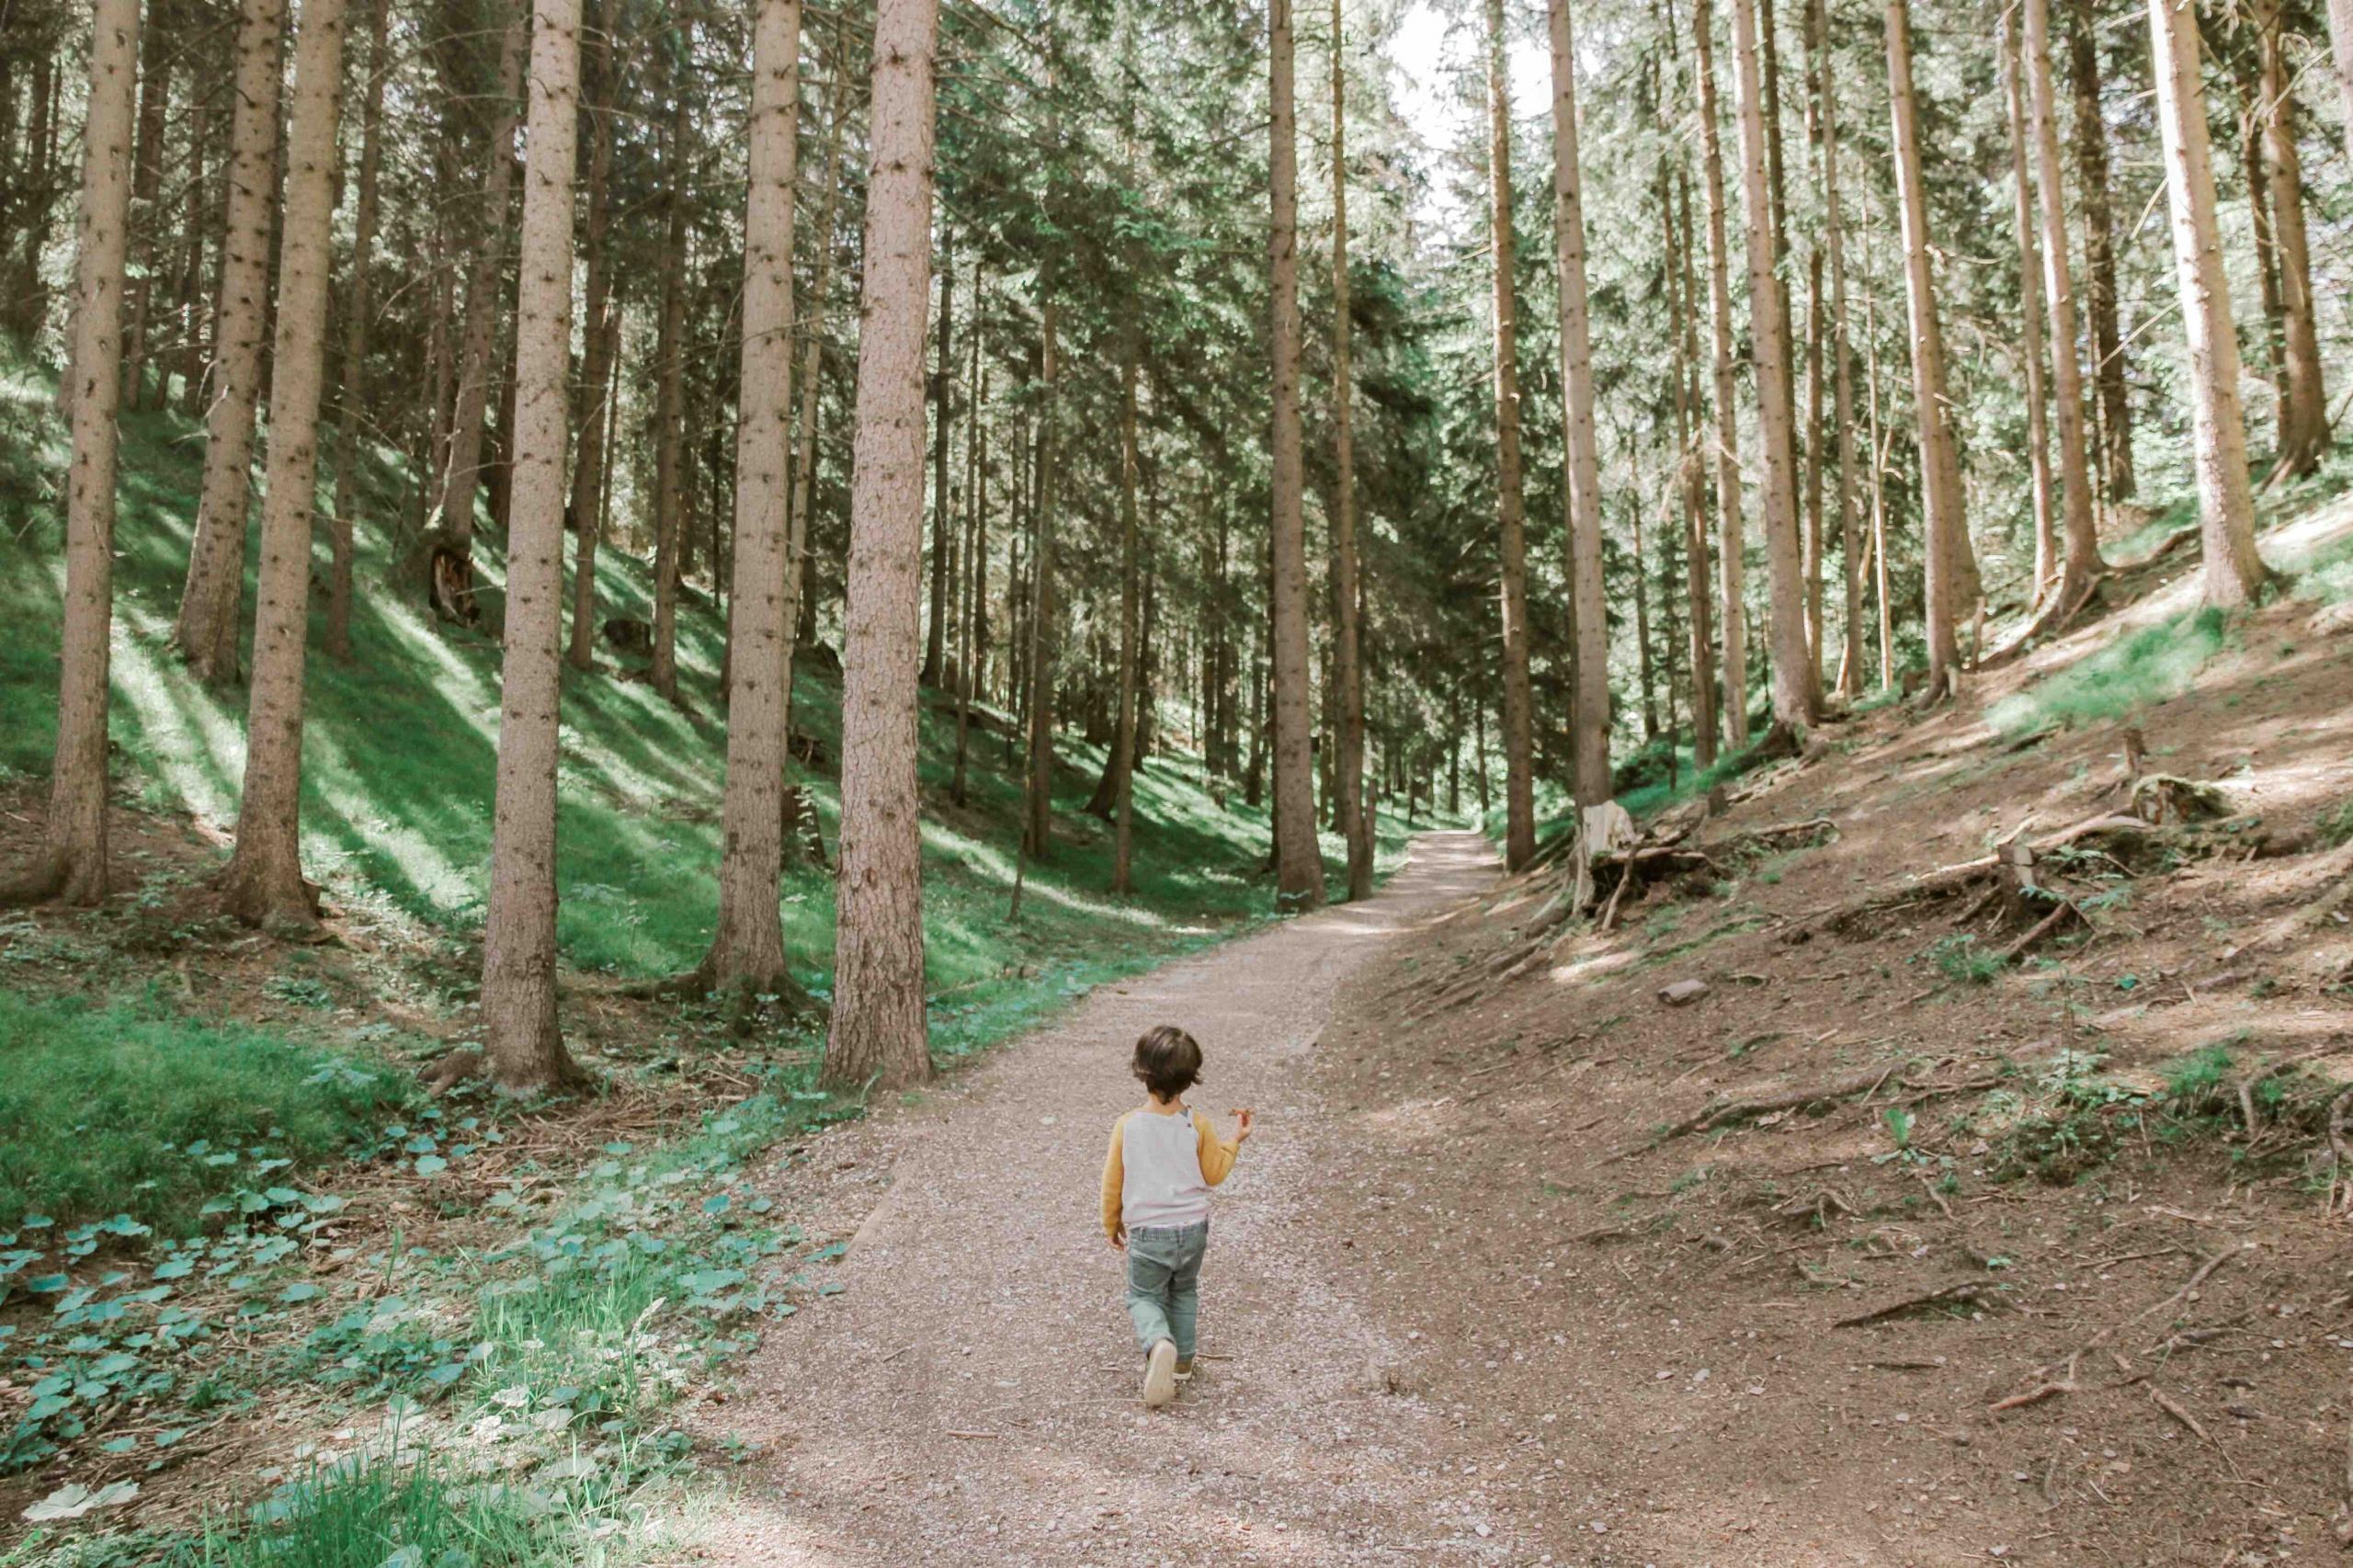 bambino cammina in un bosco, viaggiatori responsabili non inquinano